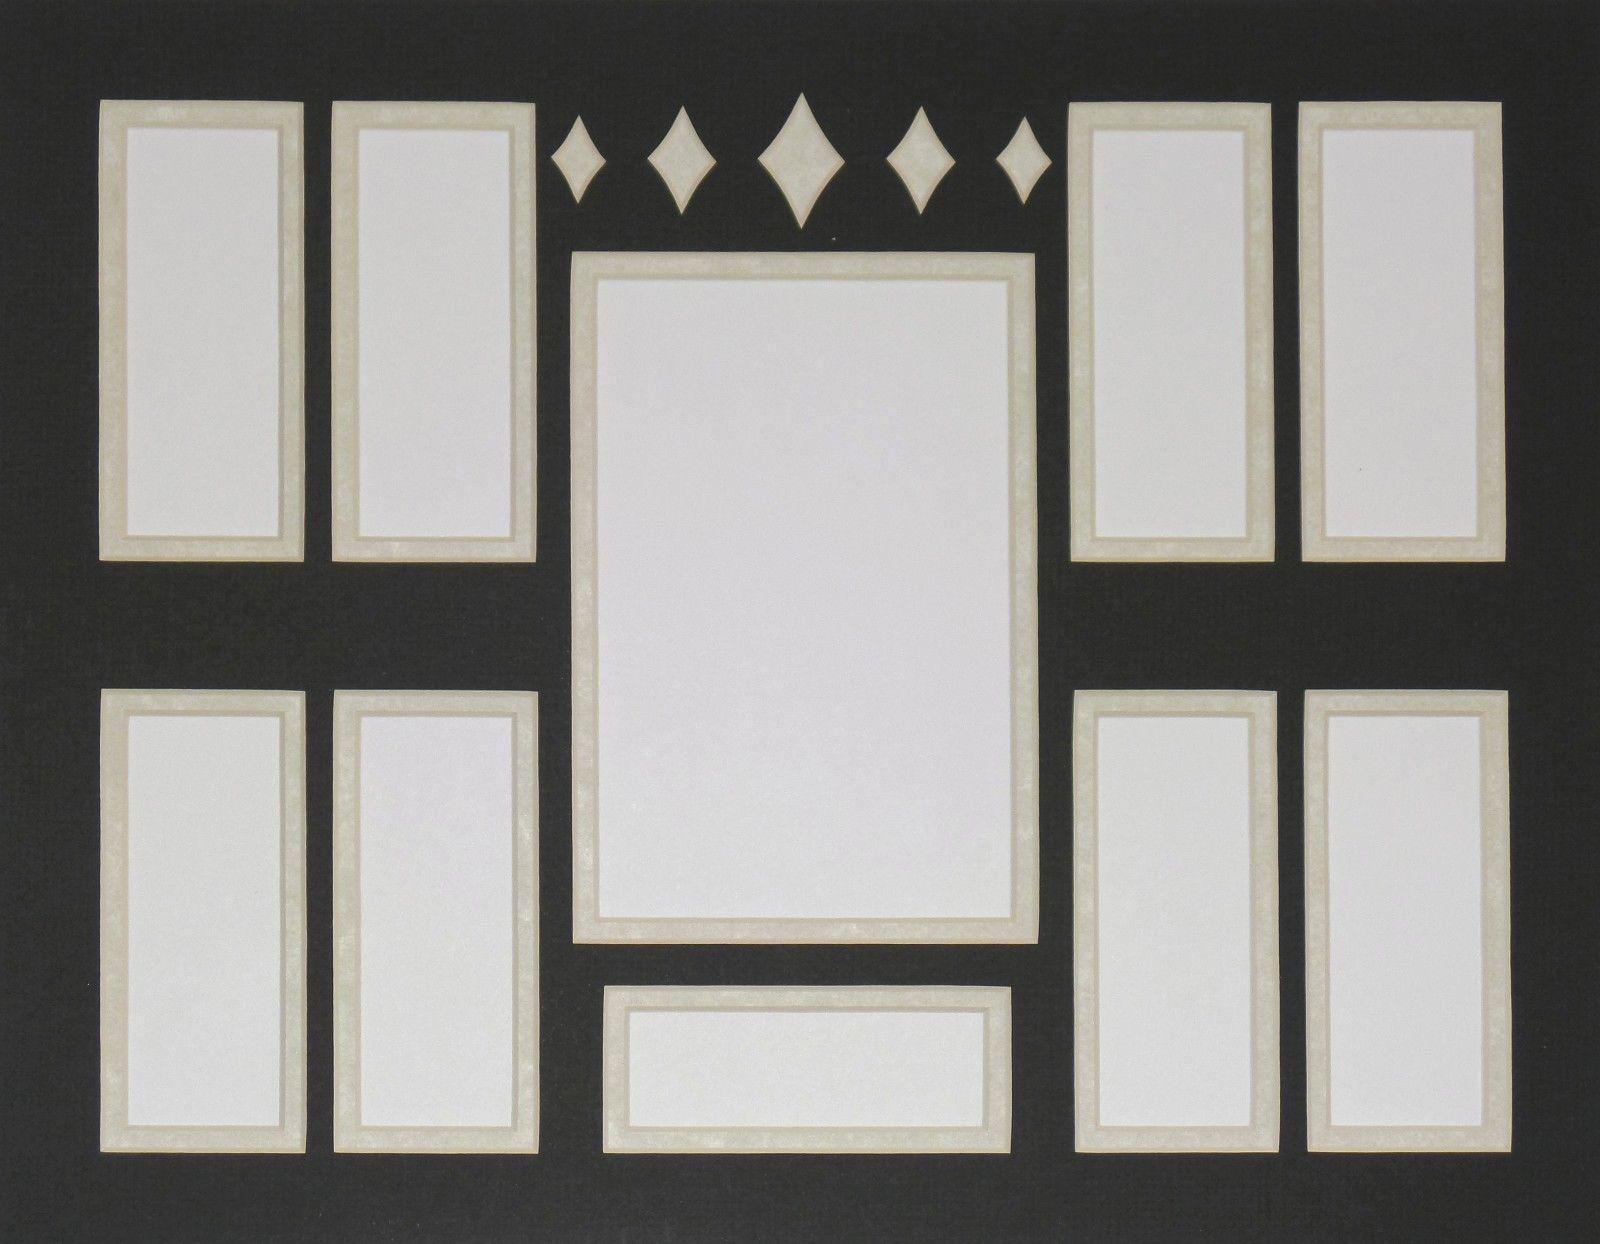 double photo mat film cell frame mat 11 x 14 diamond bar